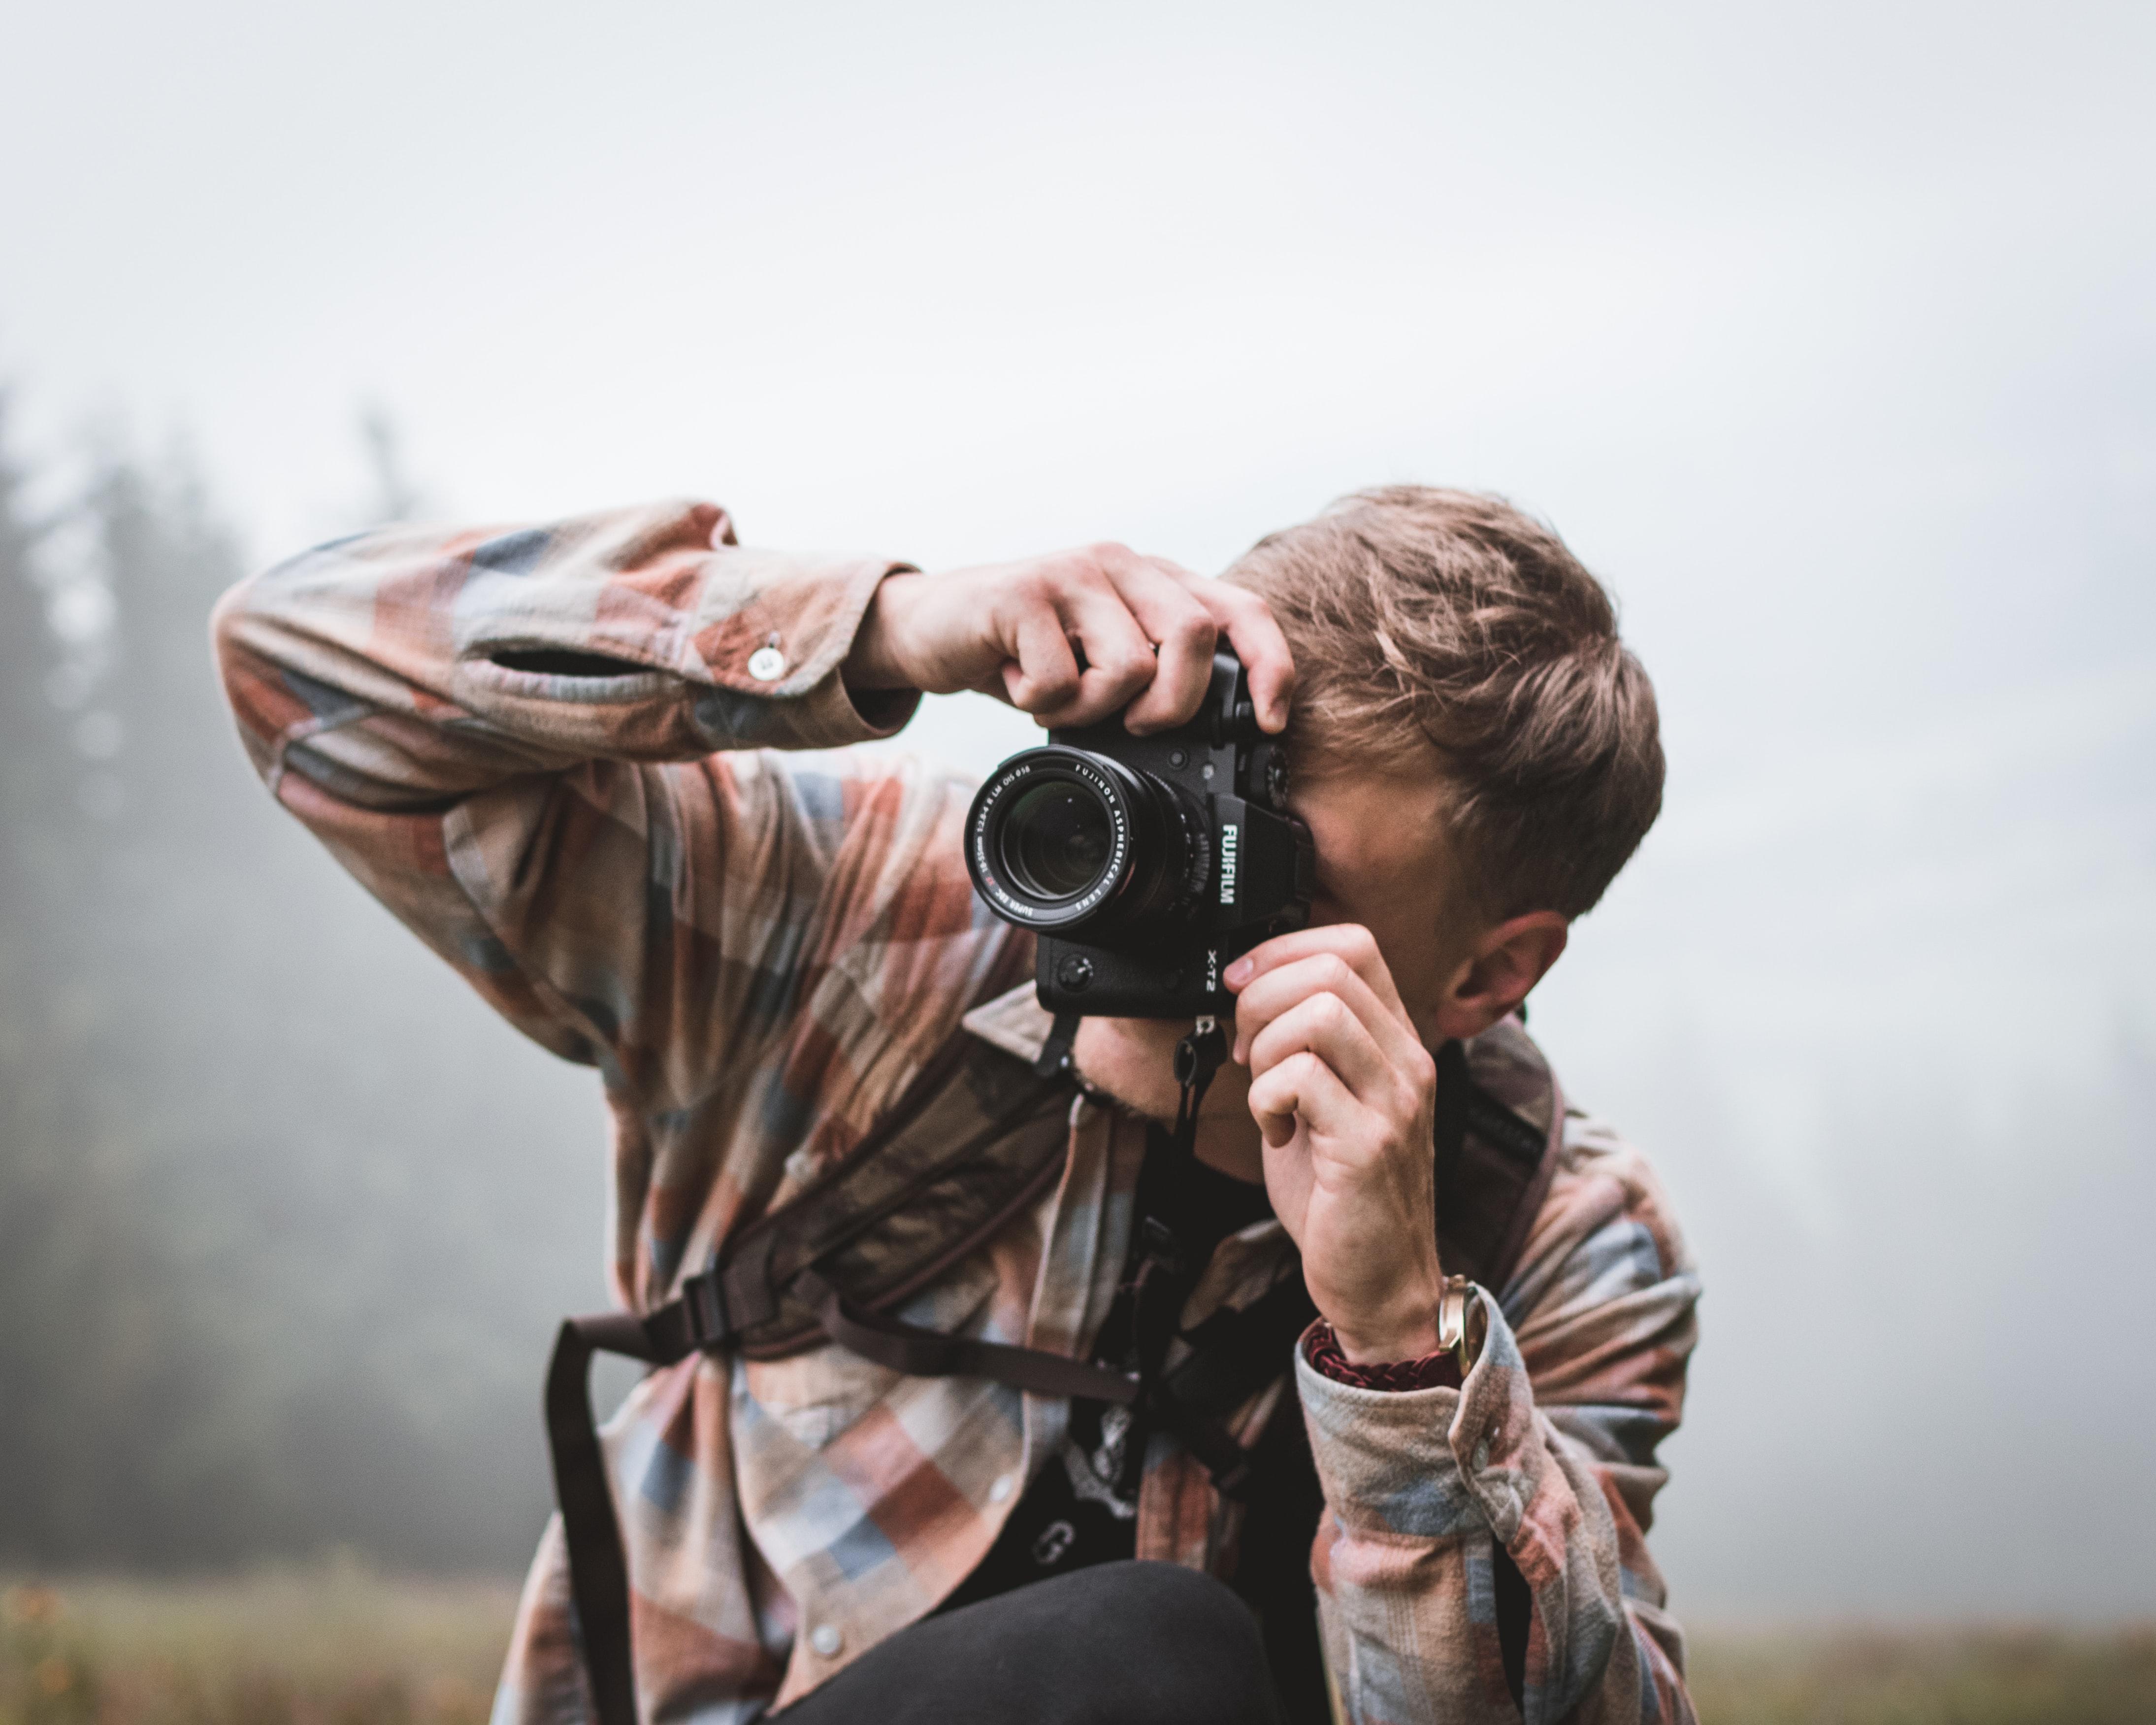 Mężczyzna z aparatem podczas robienie zdjęć.